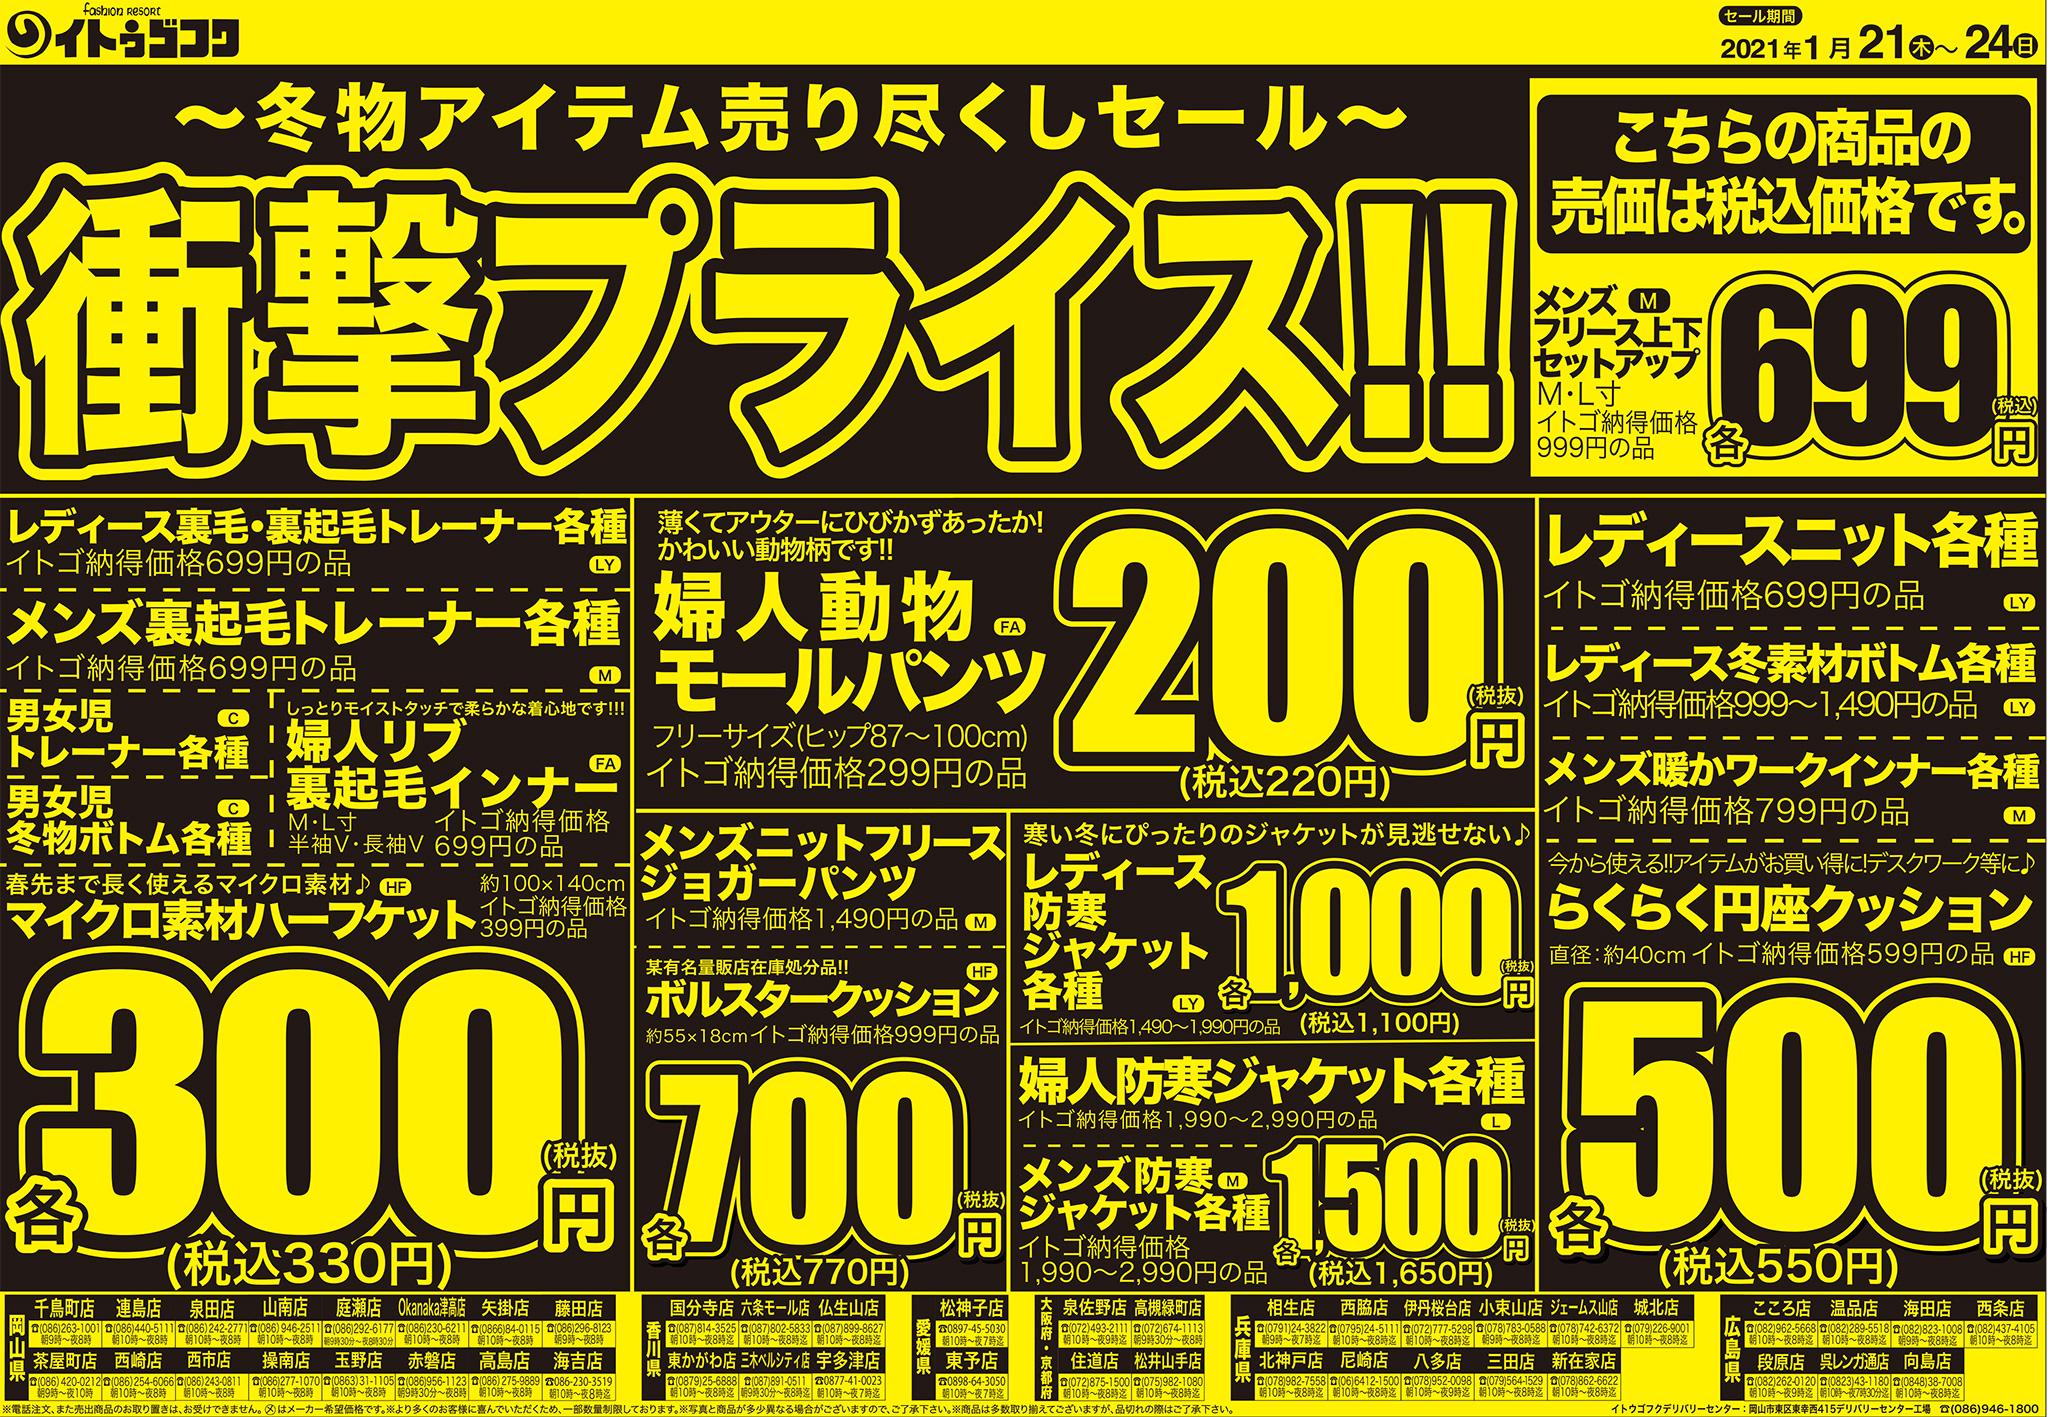 1月21日(木)〜24日(日)「キャラクターのオンパレード!」